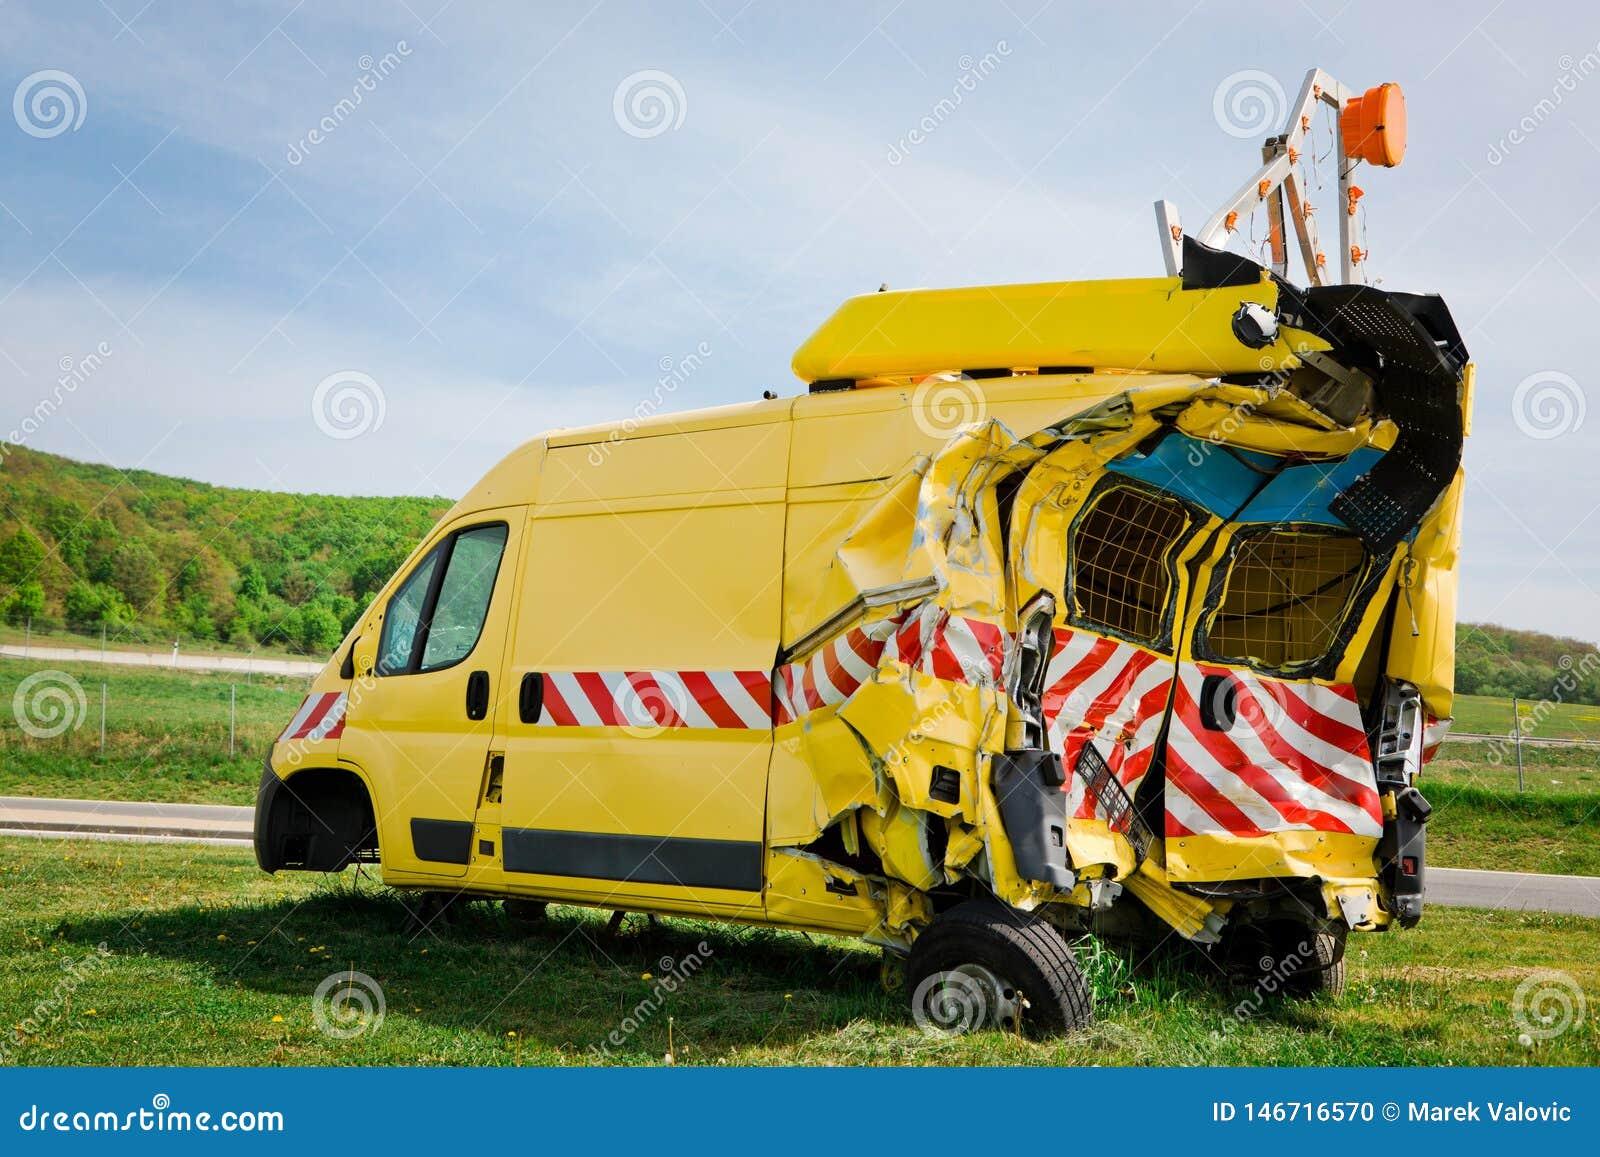 Parte posteriore nociva automobilistica schiantata di sicurezza gialla e parte laterale